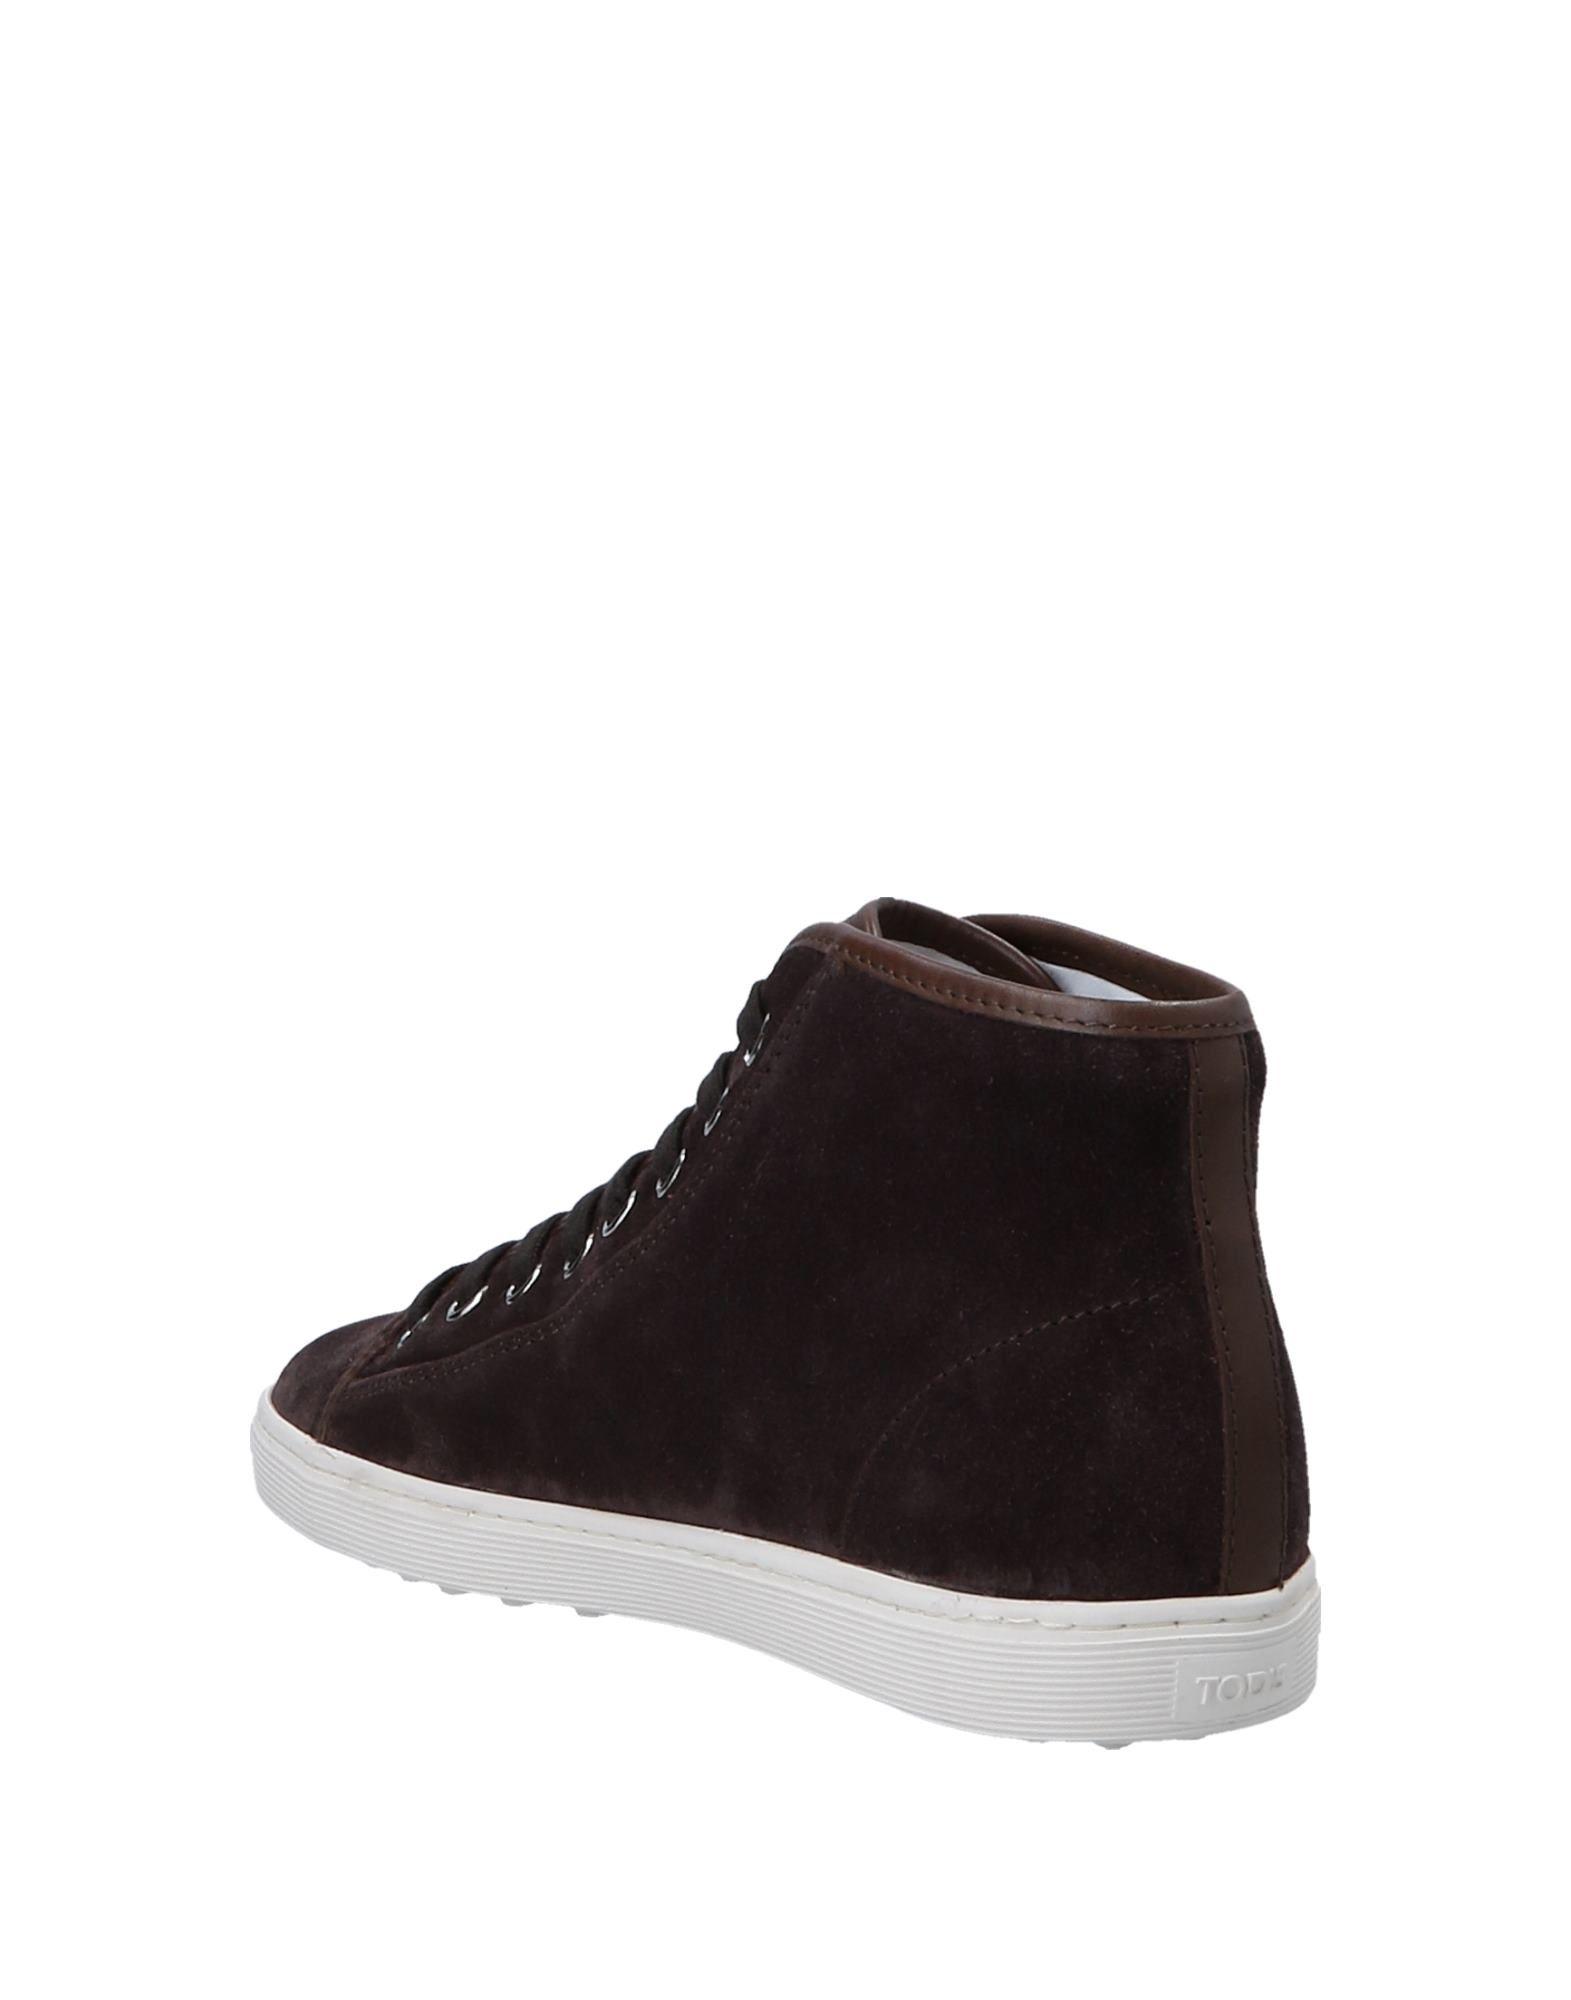 Tod's  Sneakers Damen  Tod's 11558400LQGünstige gut aussehende Schuhe f53636